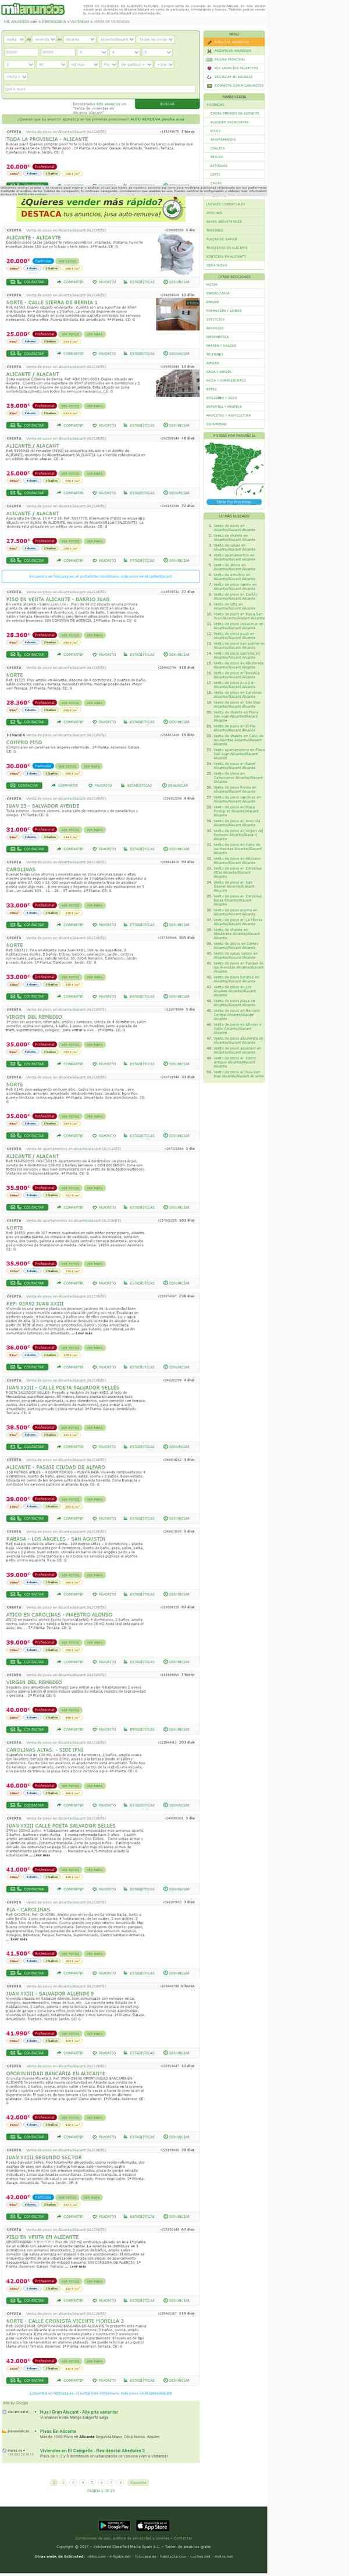 MIL ANUNCIOS.COM - Compra-Venta de viviendas en Alicante/Alacant de particulares y bancos. Vivienda…